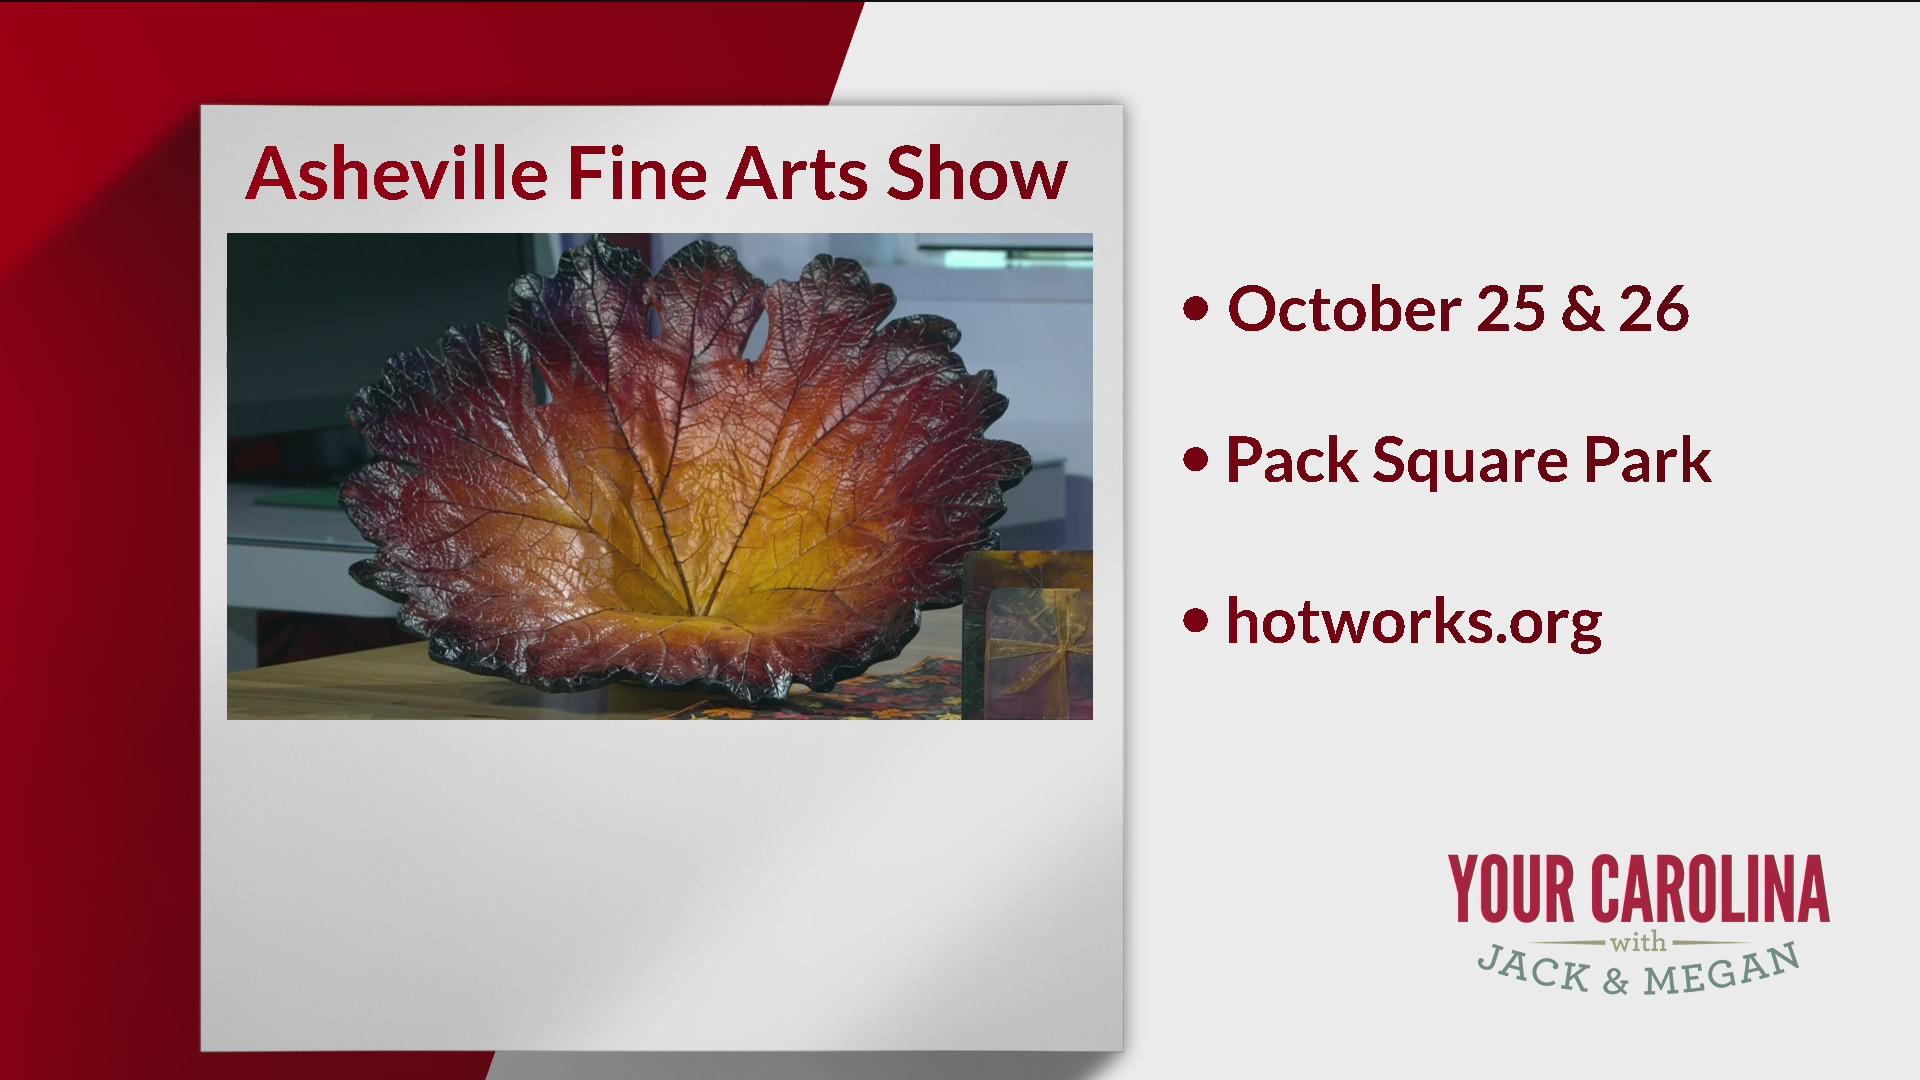 The 4th Annual Asheville Fine Arts Show